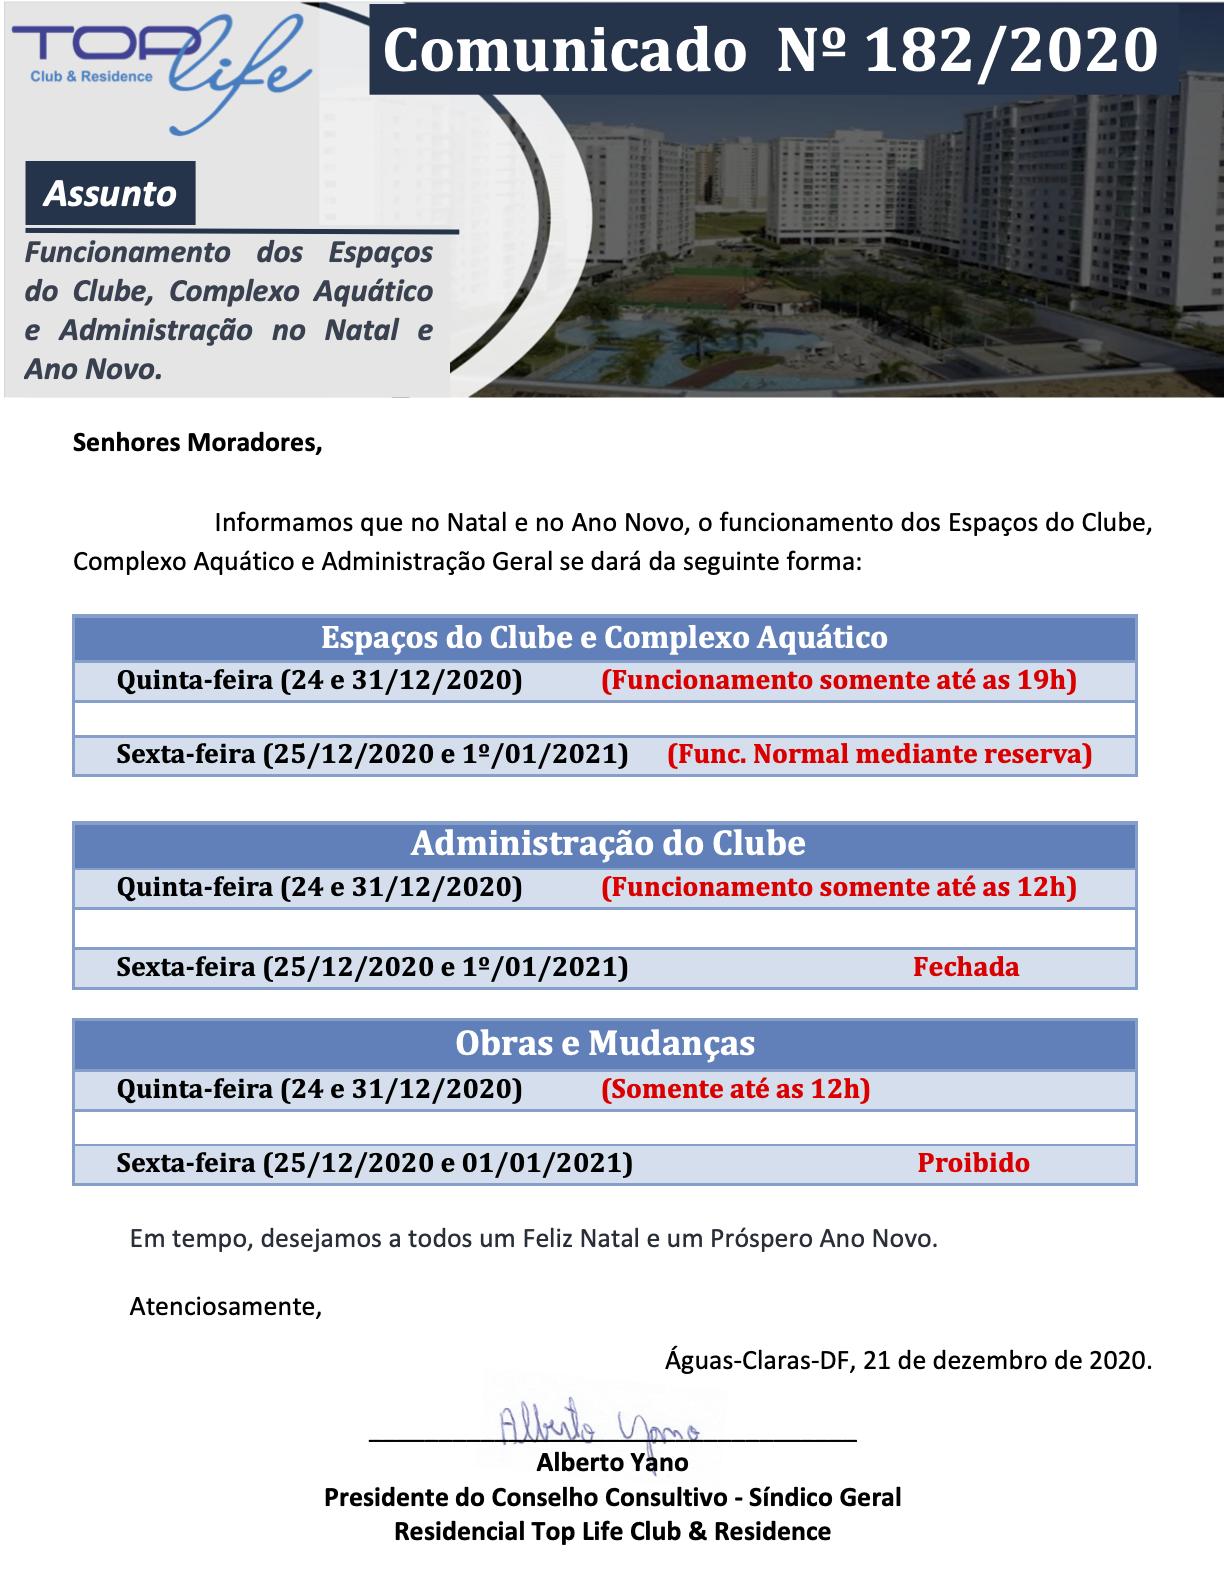 Comunicado 182/2020 - Funcionamento dos Espaços do Clube, Complexo Aquático e Administração no Natal e Ano Novo